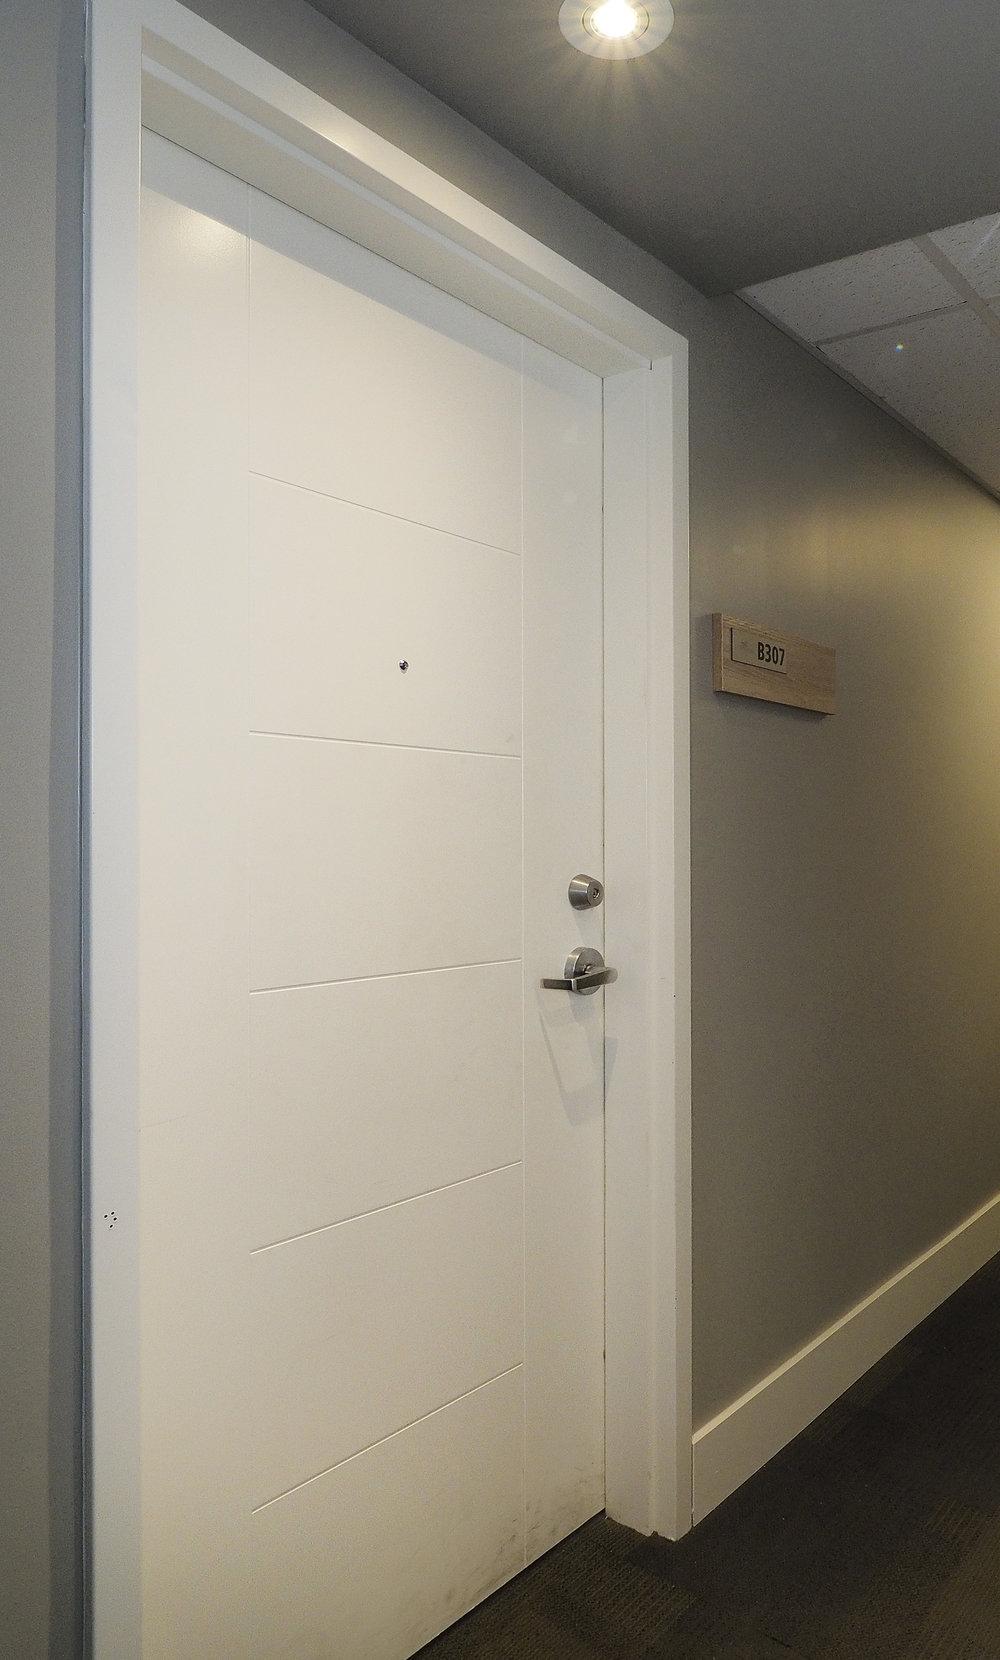 10 Front door.JPG